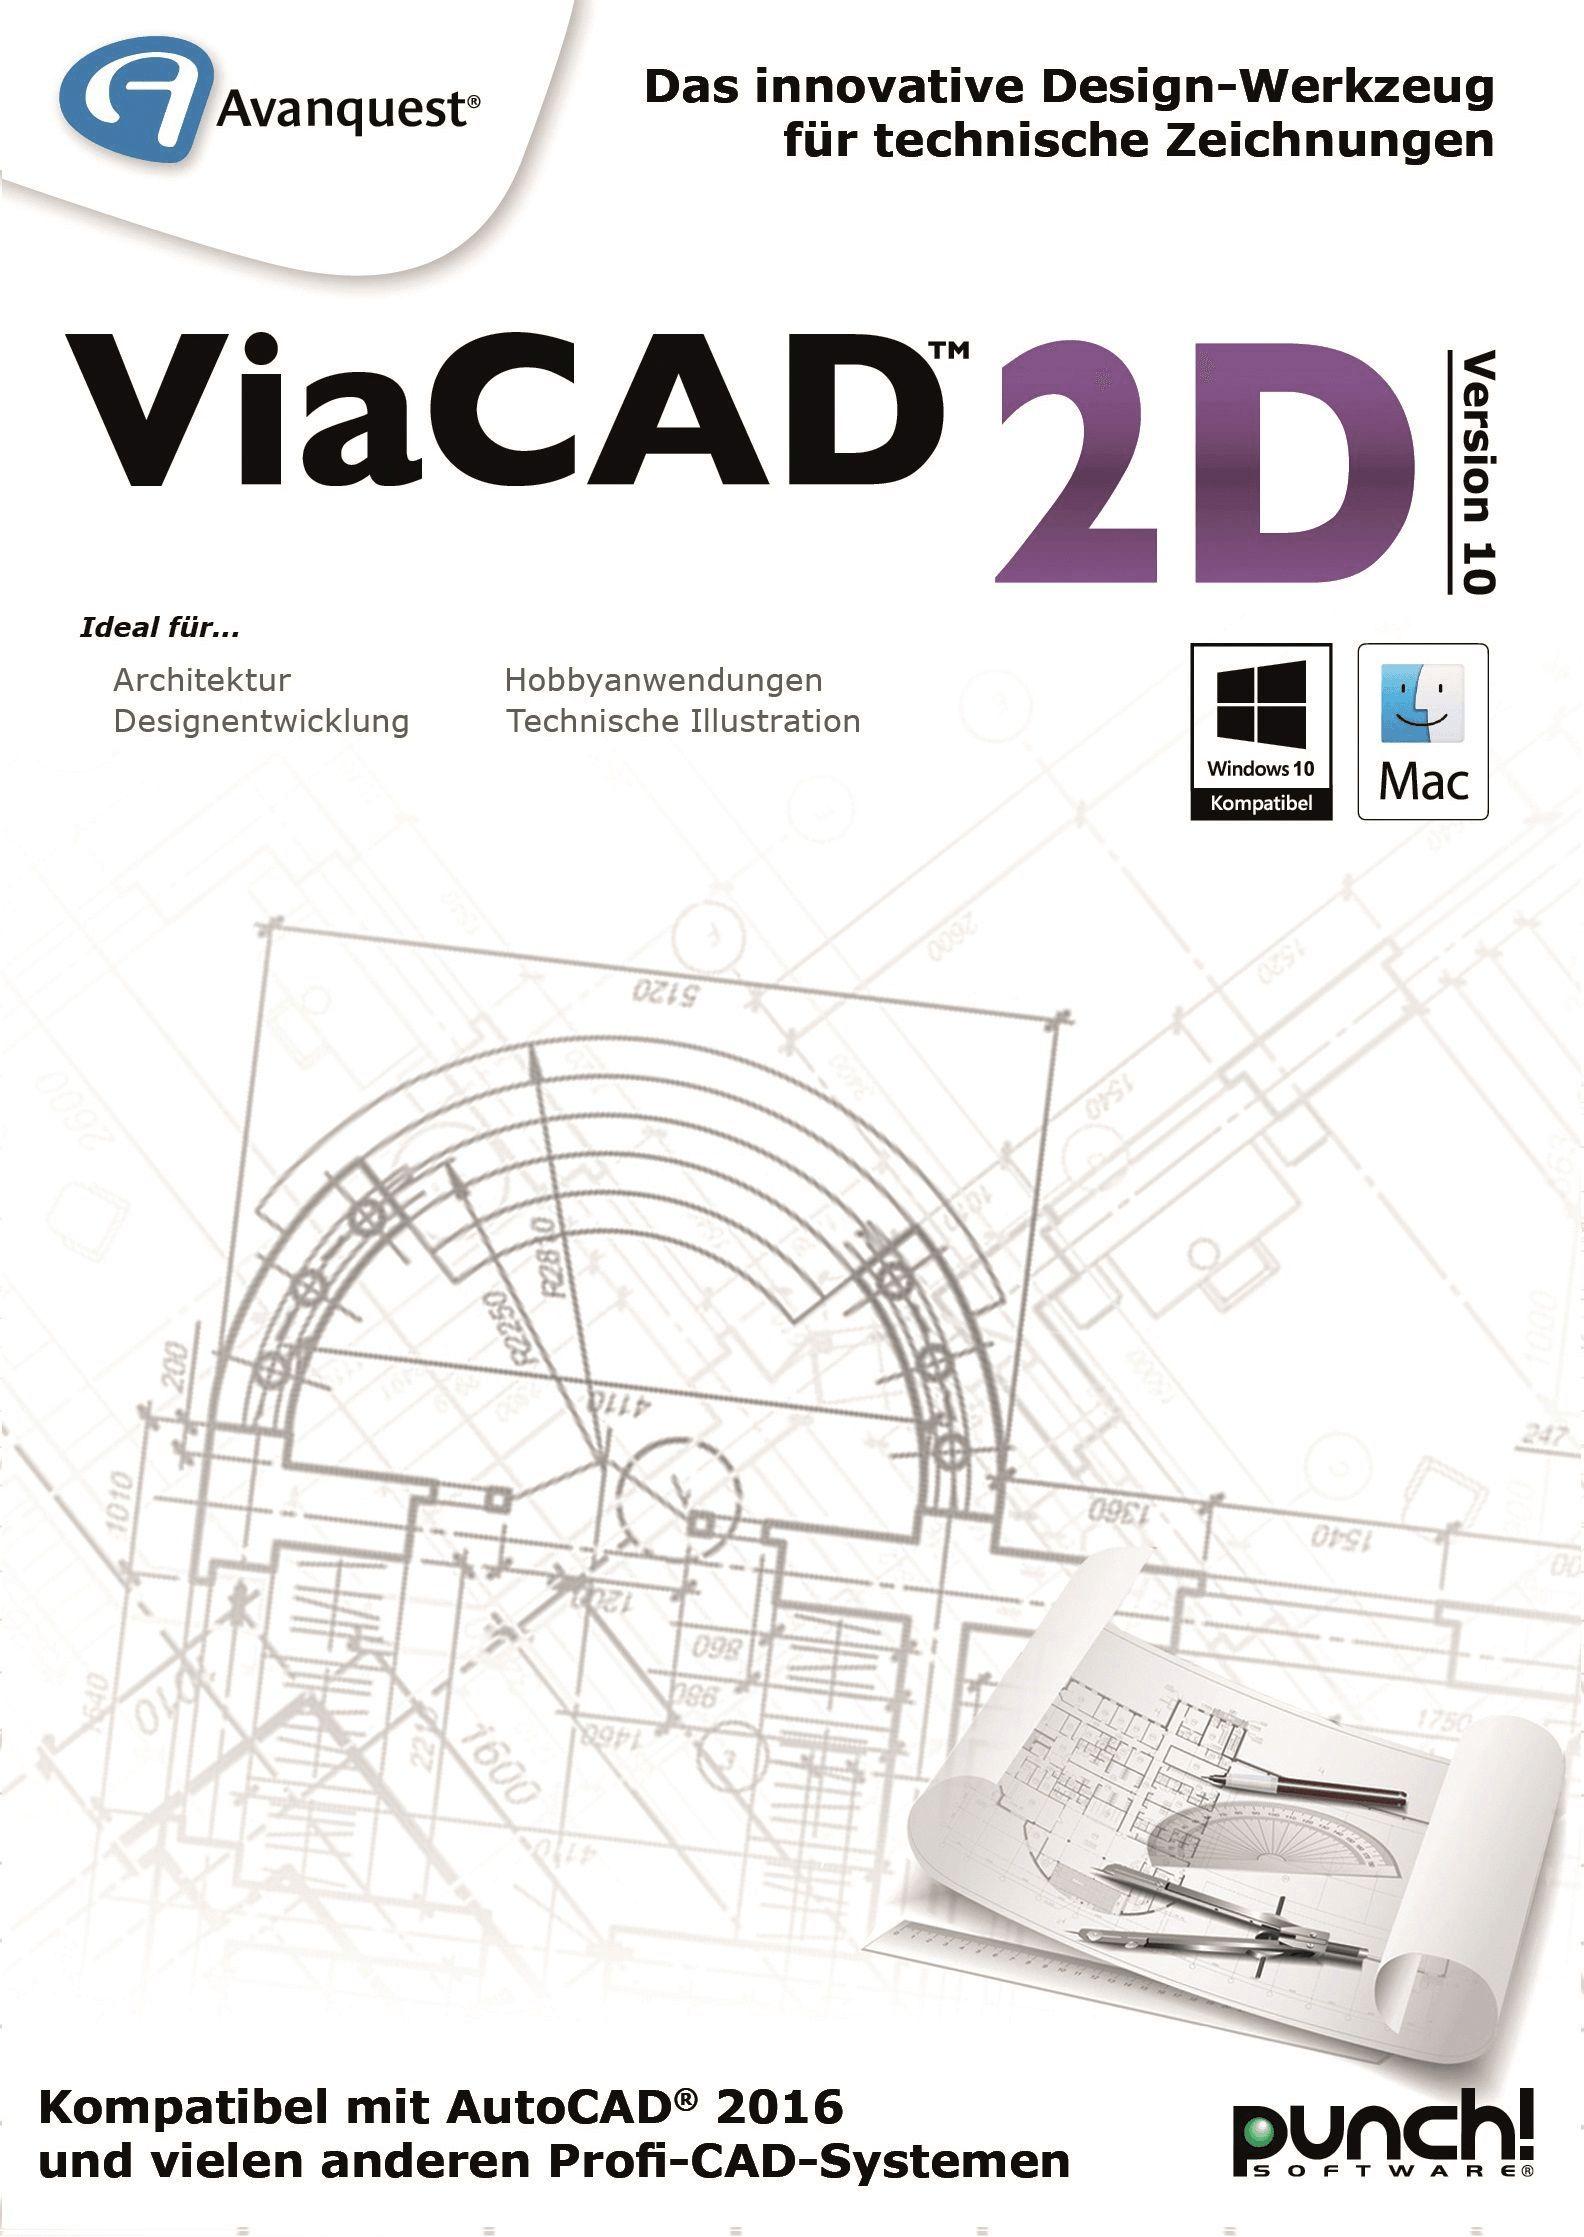 ViaCAD 2D 10 - Das innovative Design-Werkzeug für technische Zeichnungen! Für Windows und Mac! [Download]